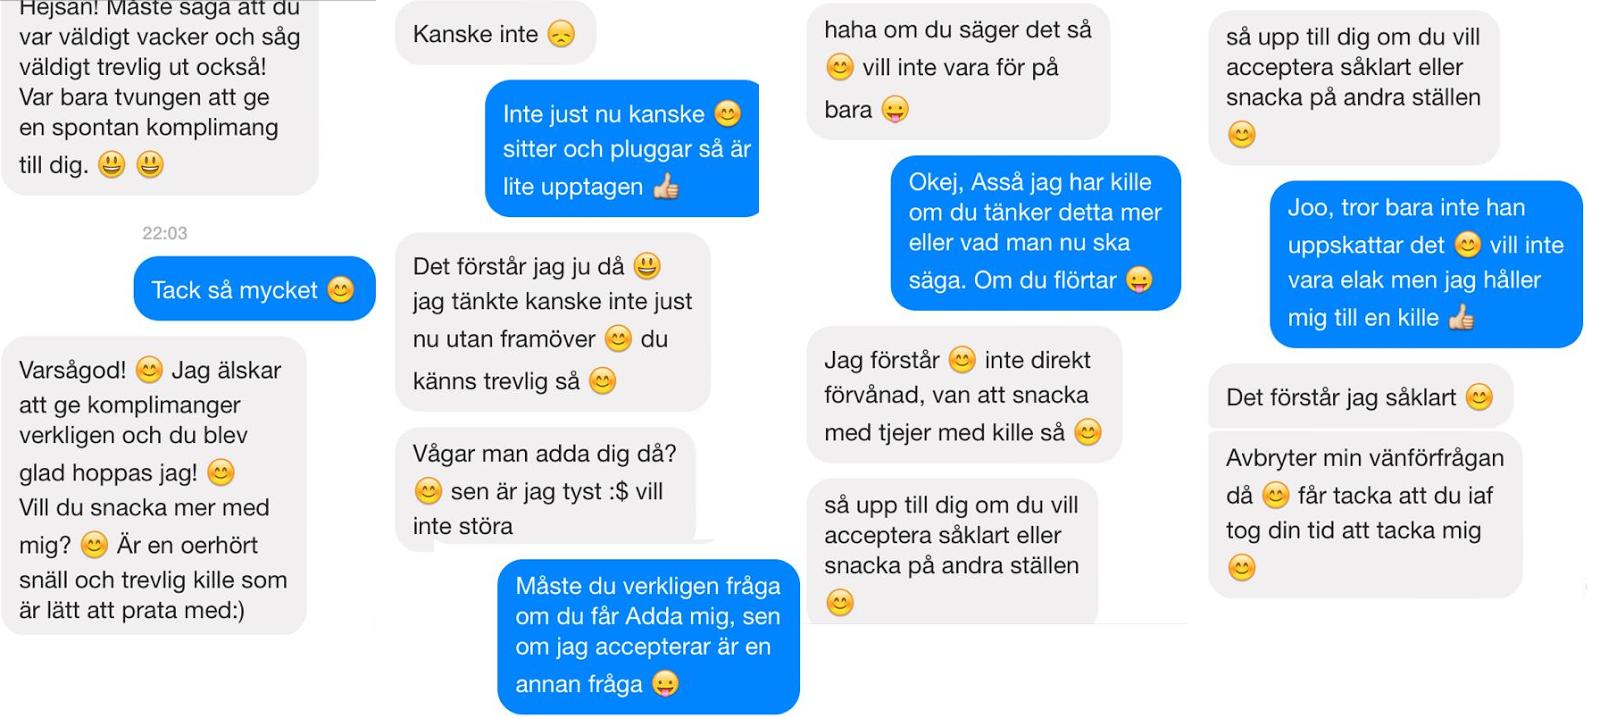 flickvän ljuger för mig Sundsvall